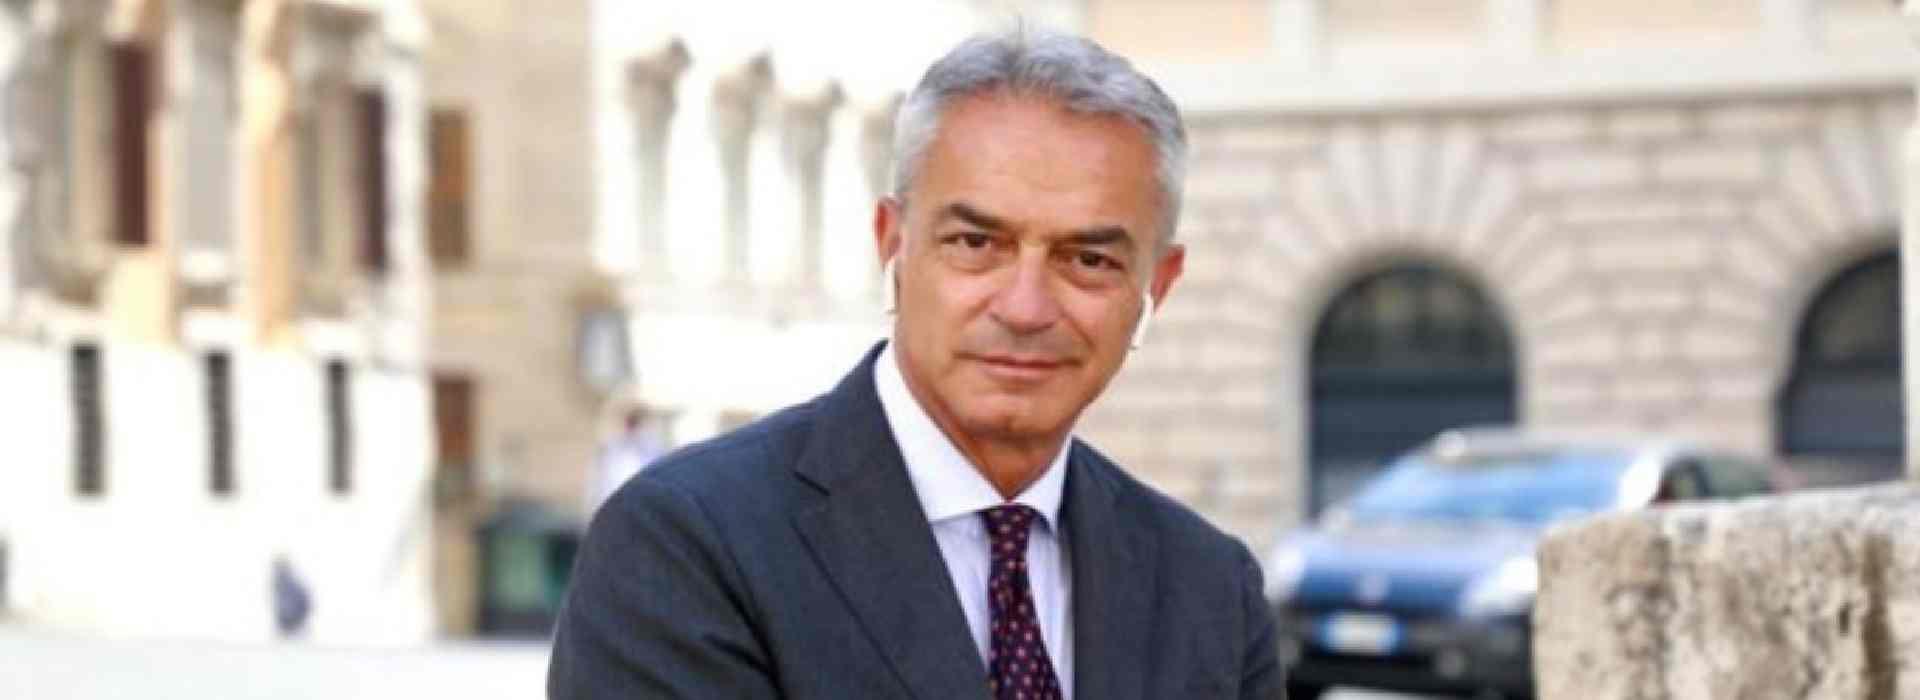 Rimborsopoli Abruzzo: l'ennesimo flop della giustizia (politicizzata) a orologeria. Assolto Pagano